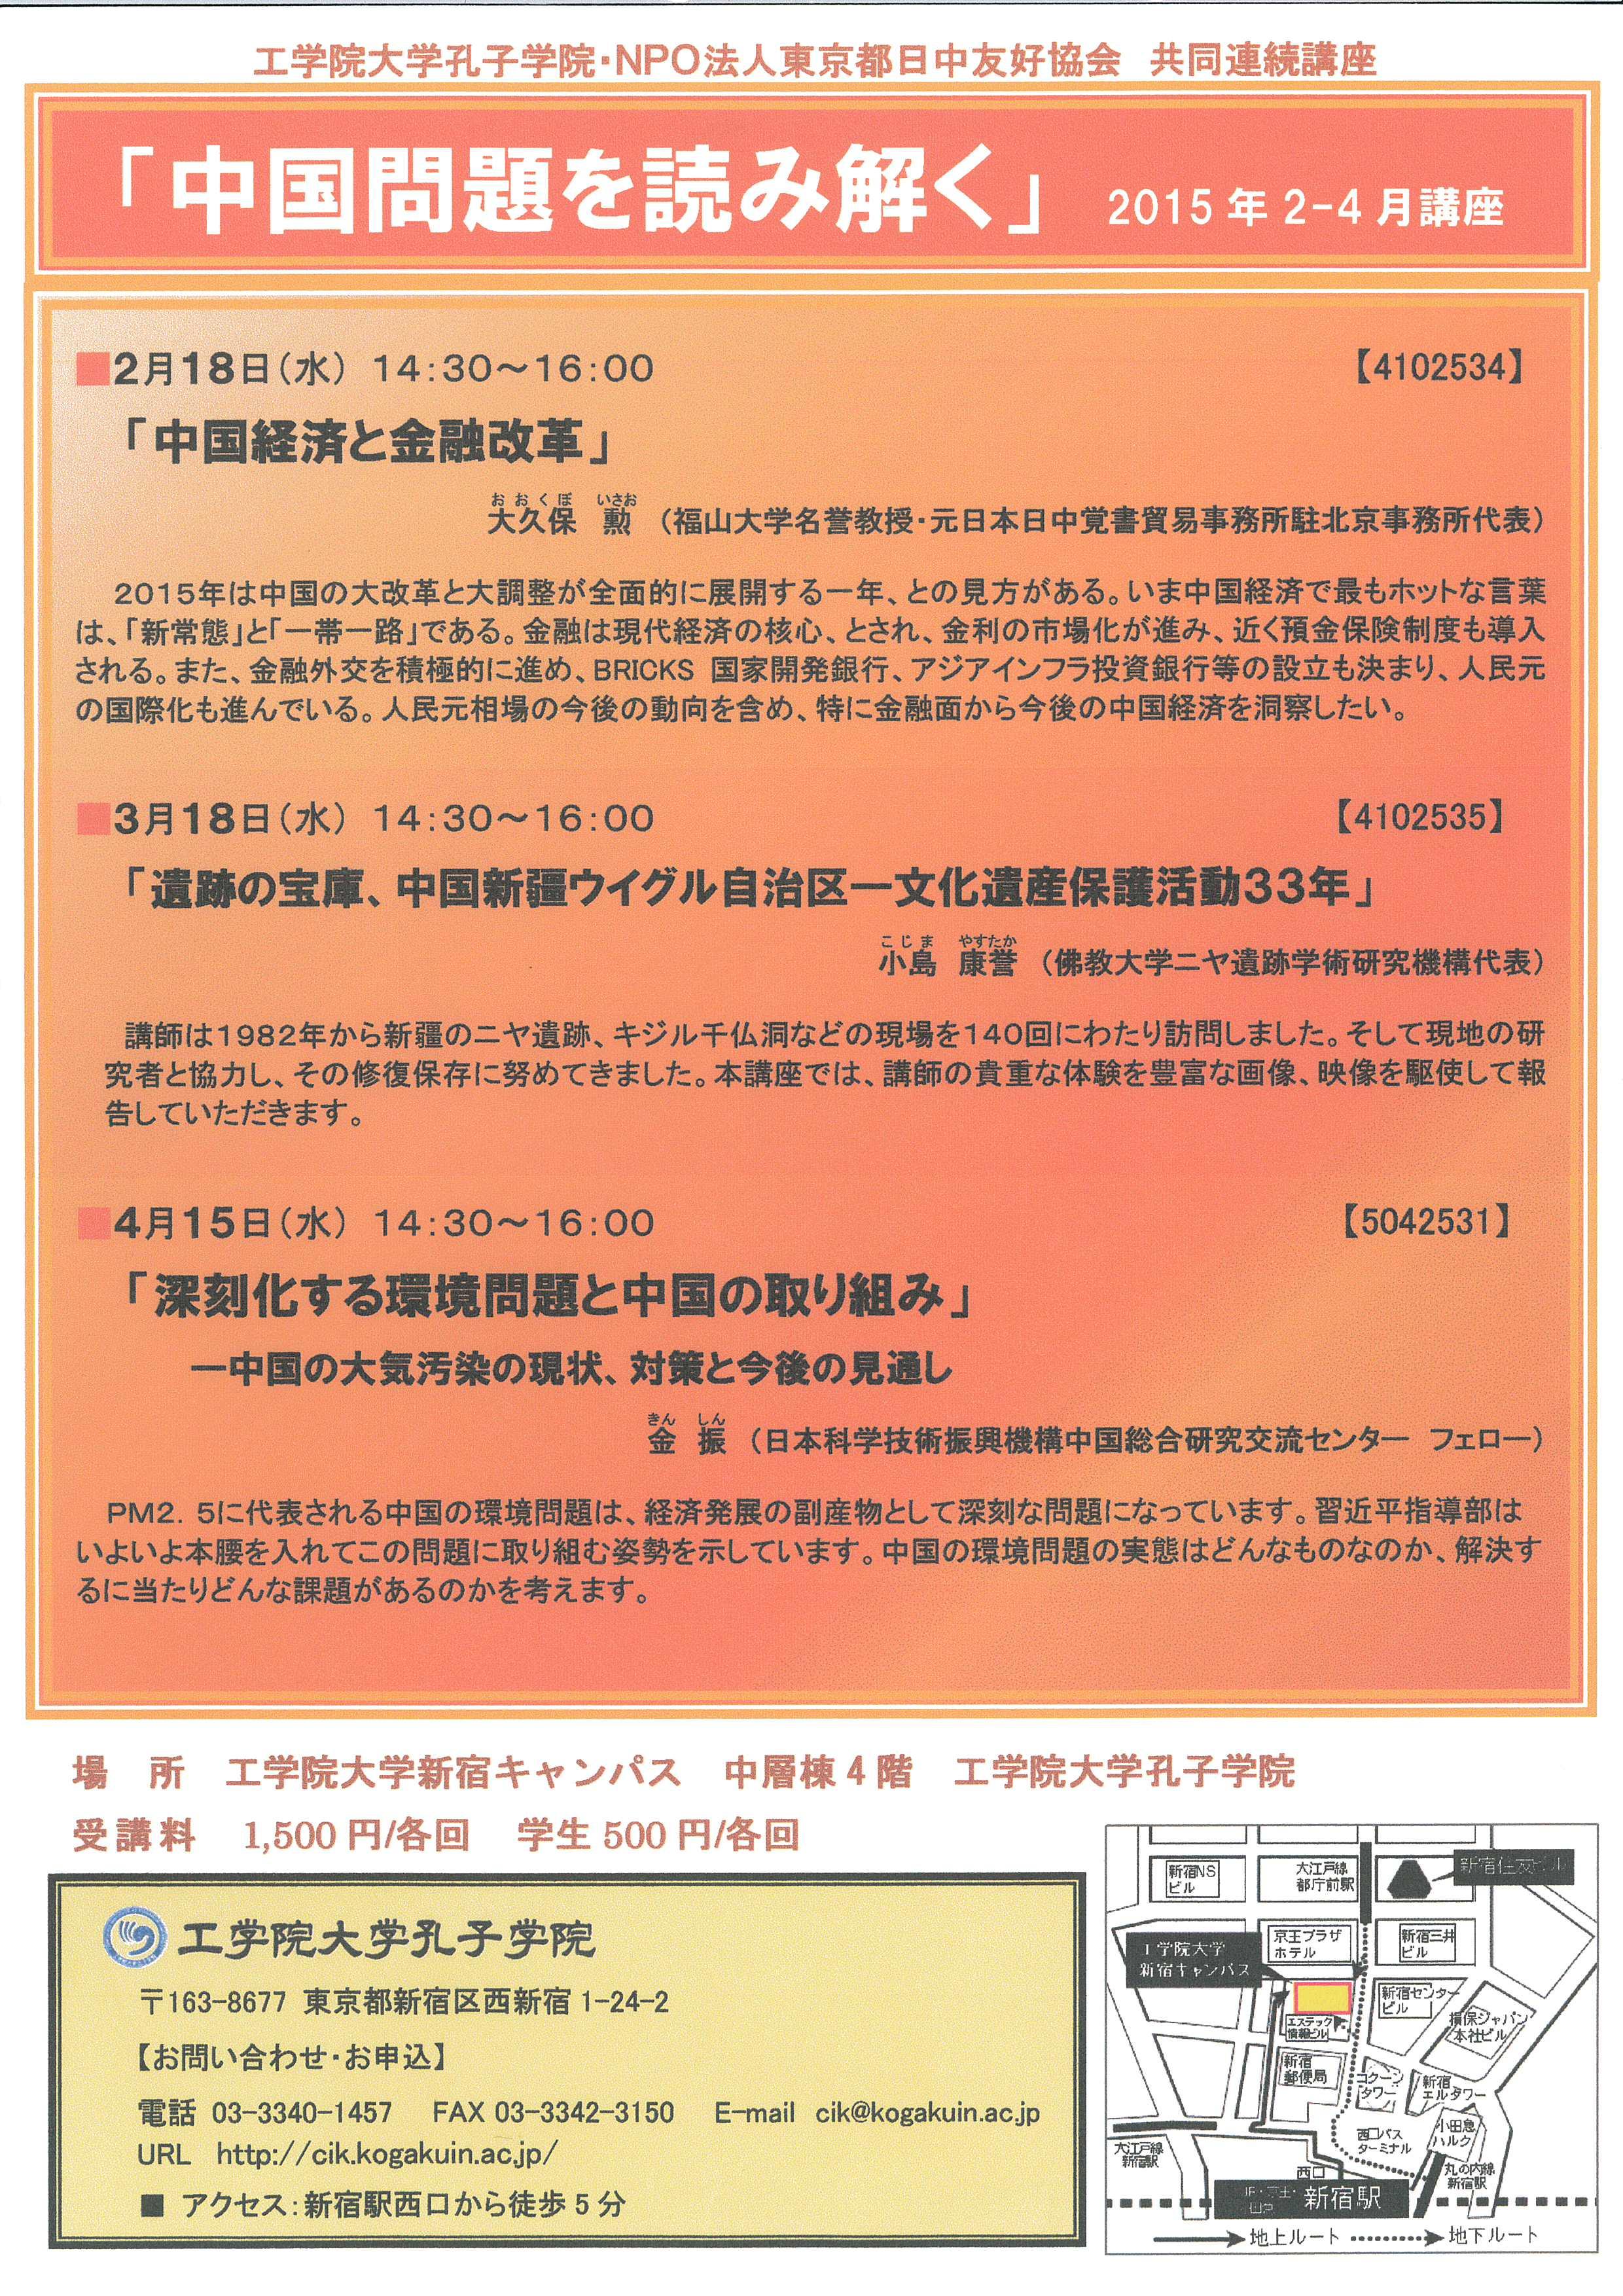 2/18(水)中国問題を読み解く講座